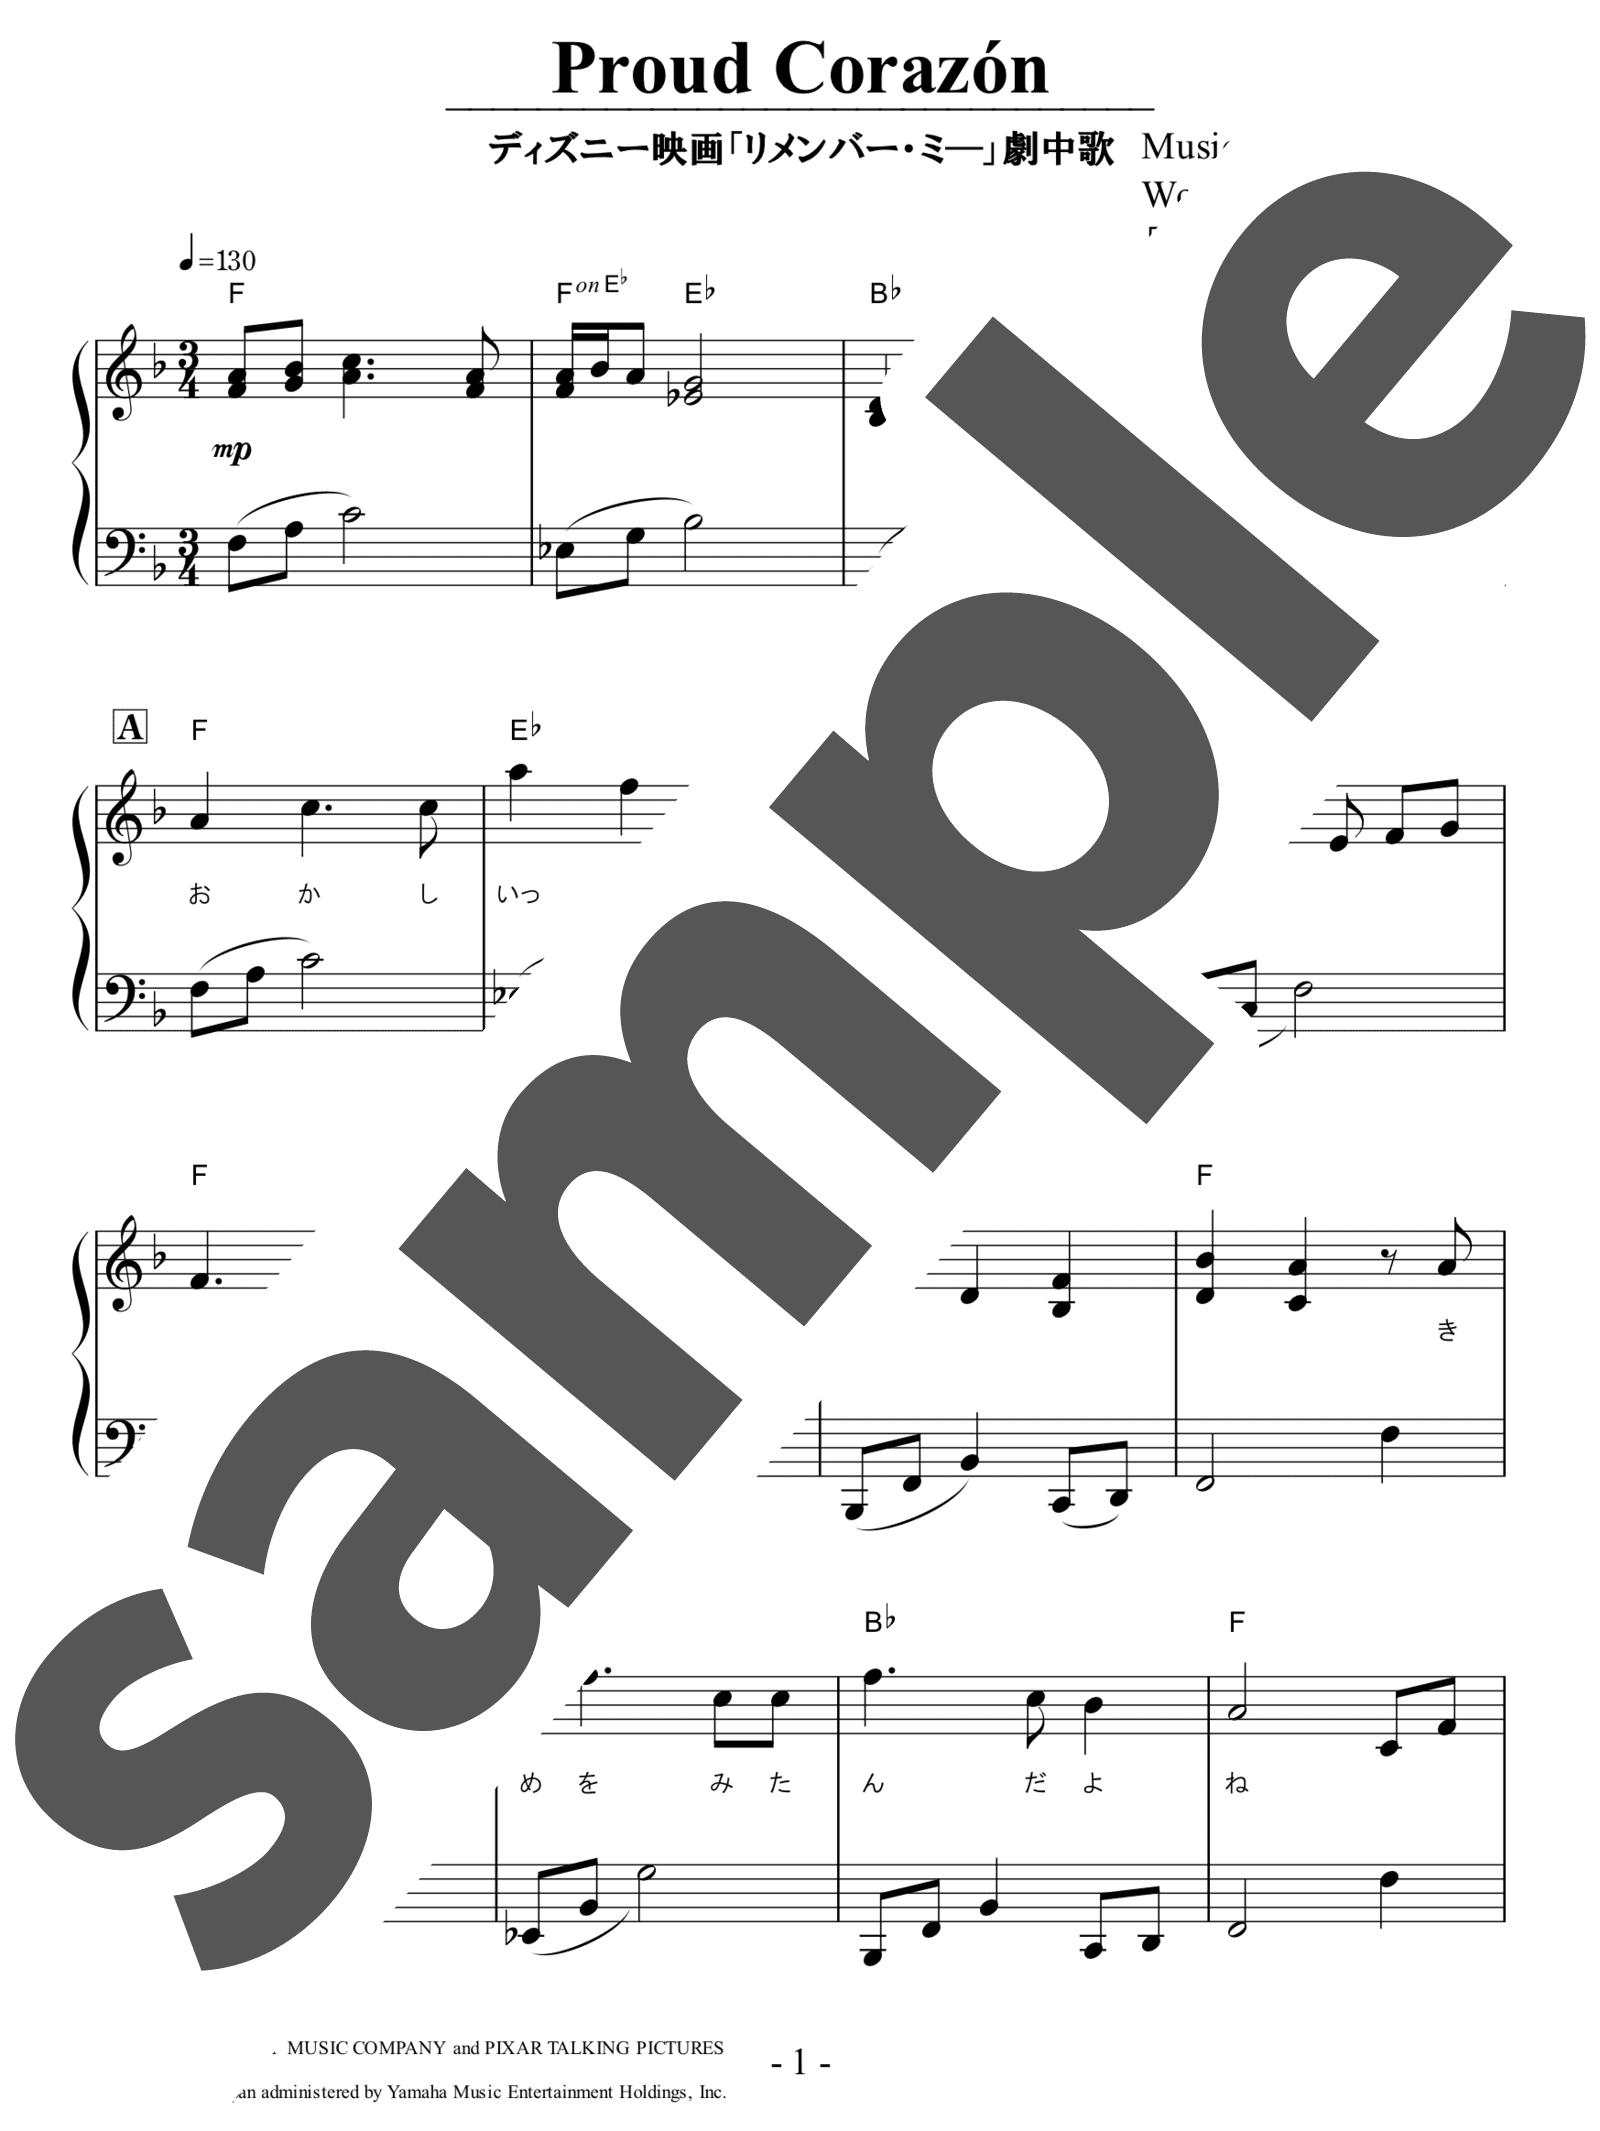 「音楽はいつまでも」のサンプル楽譜